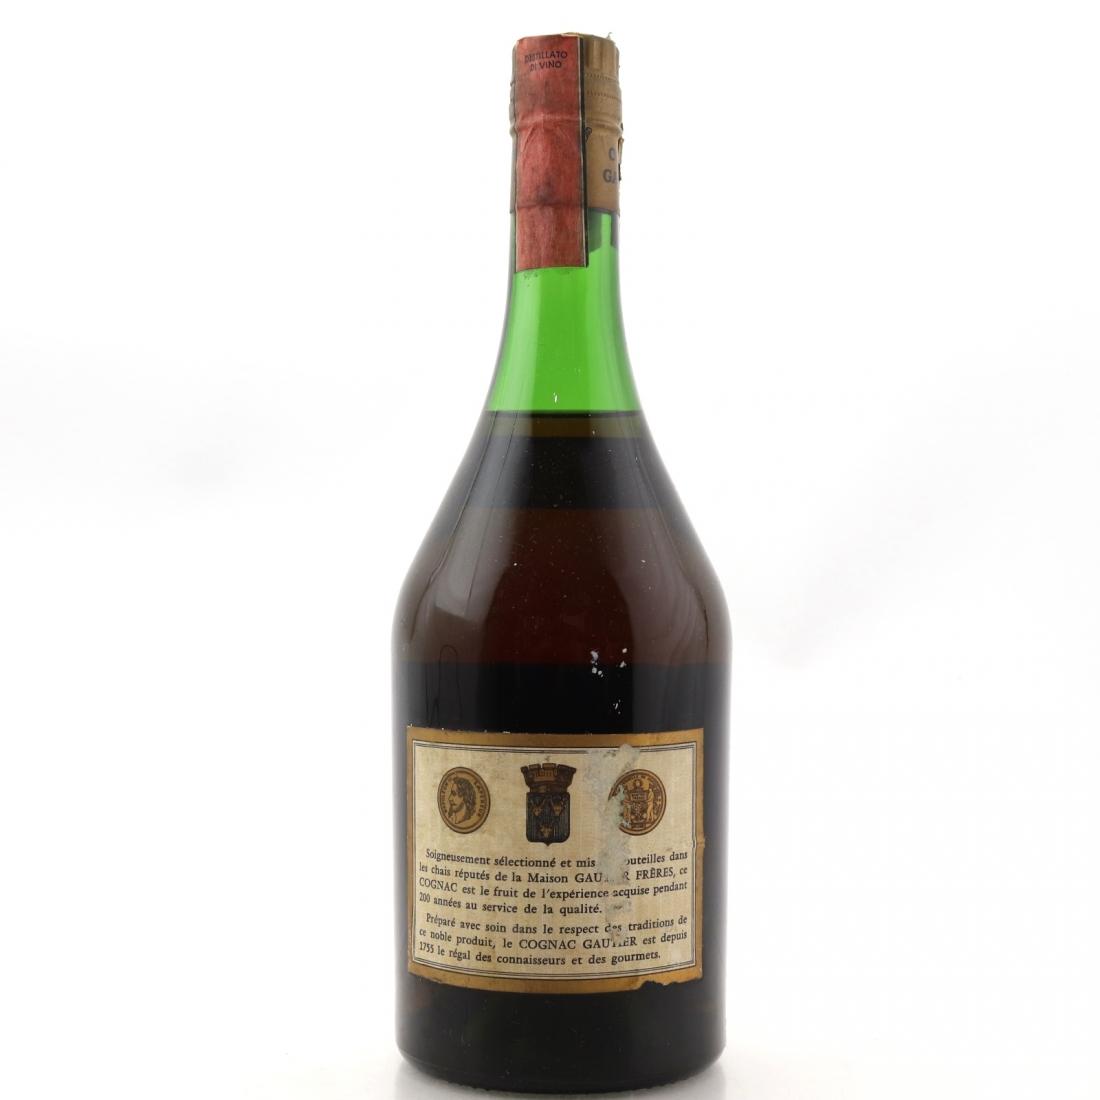 Gautier Freres Prestige Cognac 1970s